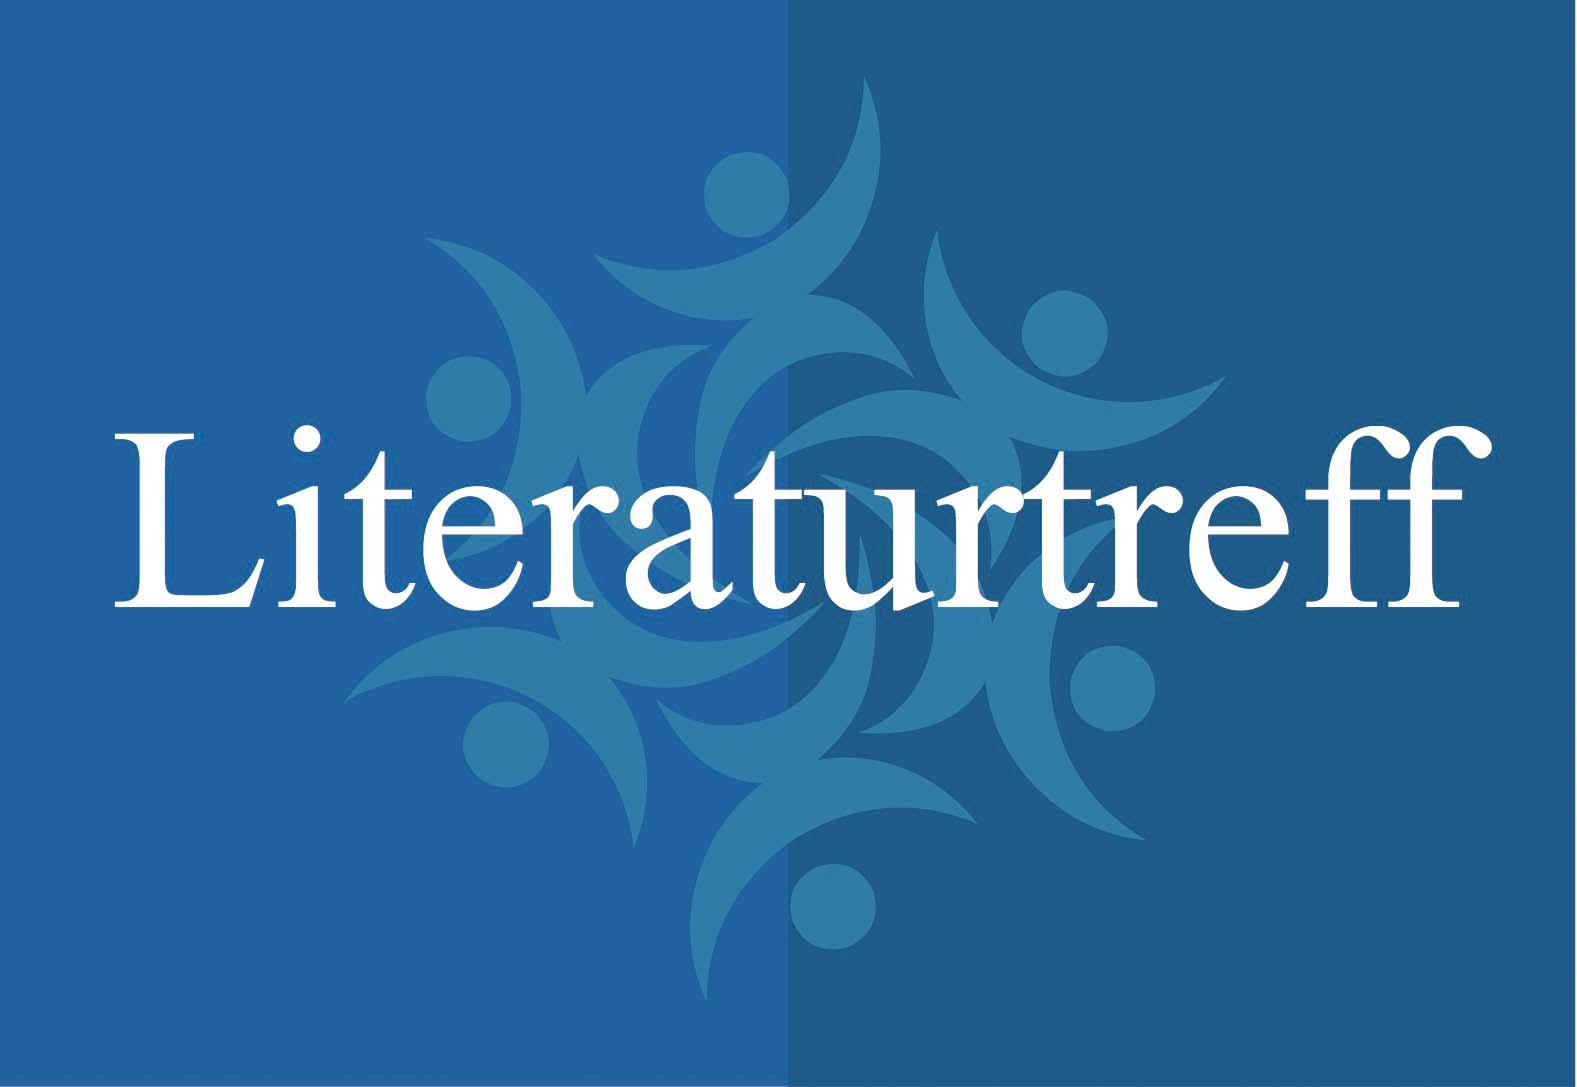 Literaturtreff Recklinghausen - Veranstaltungen Ruhrgebiet und NRW